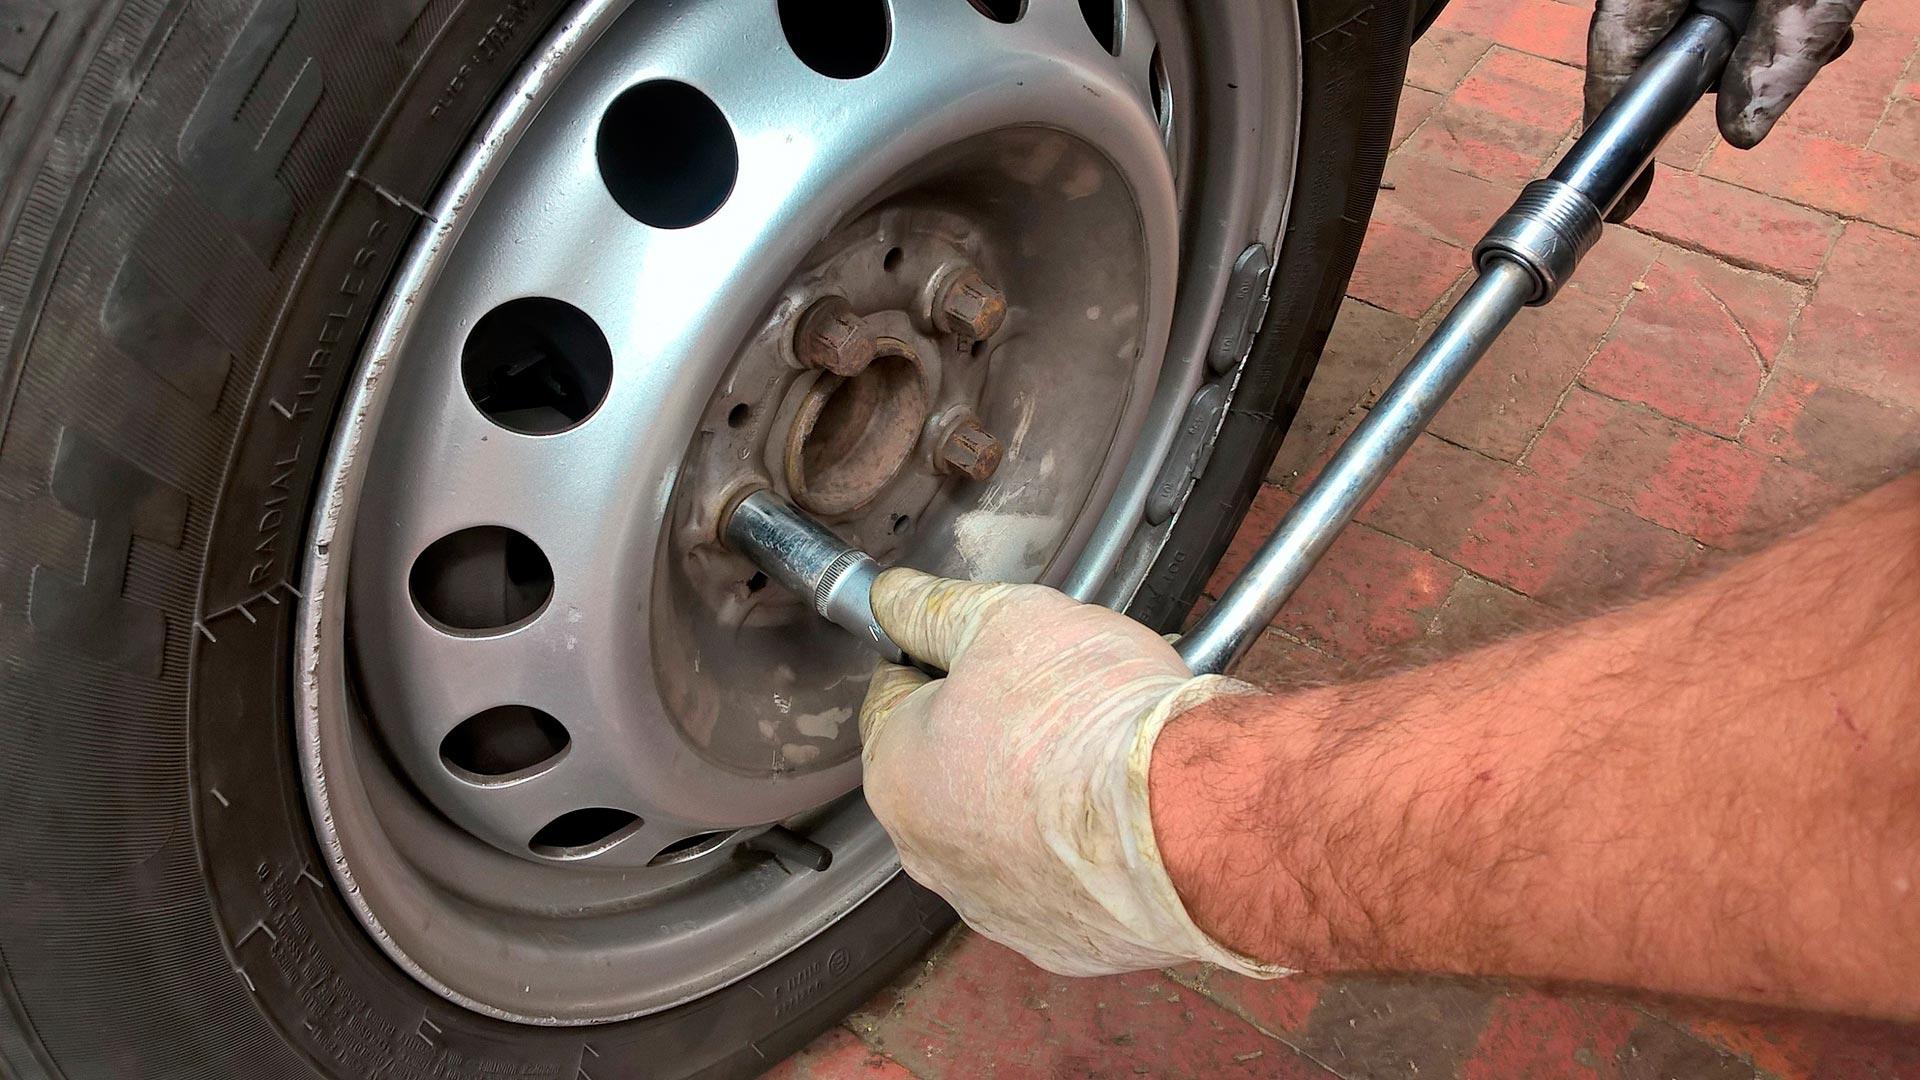 ¿Cómo cambiar la rueda del coche?